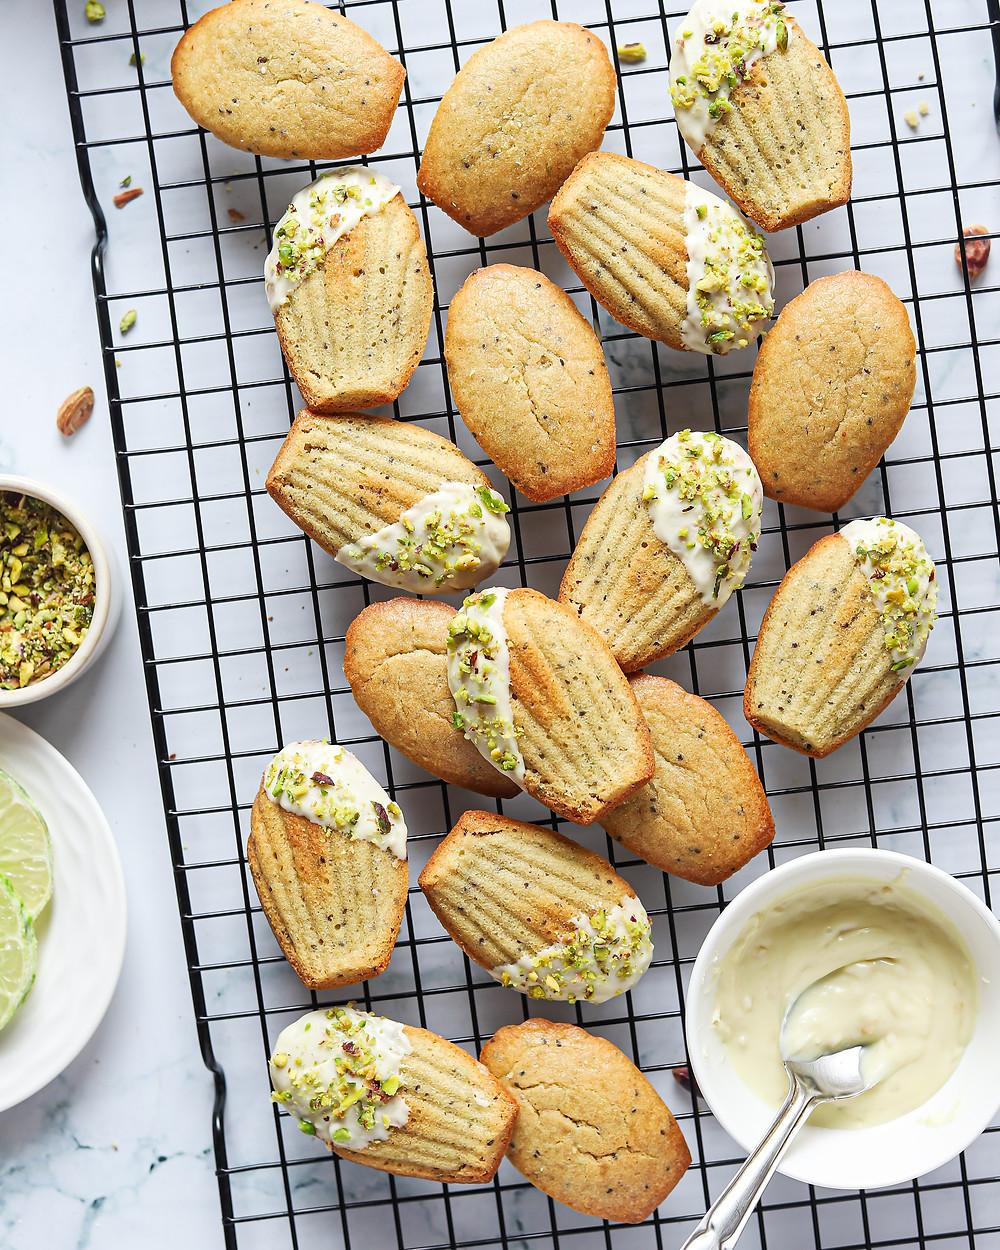 Vegan Lemon Basil Chia Seed Madeleines